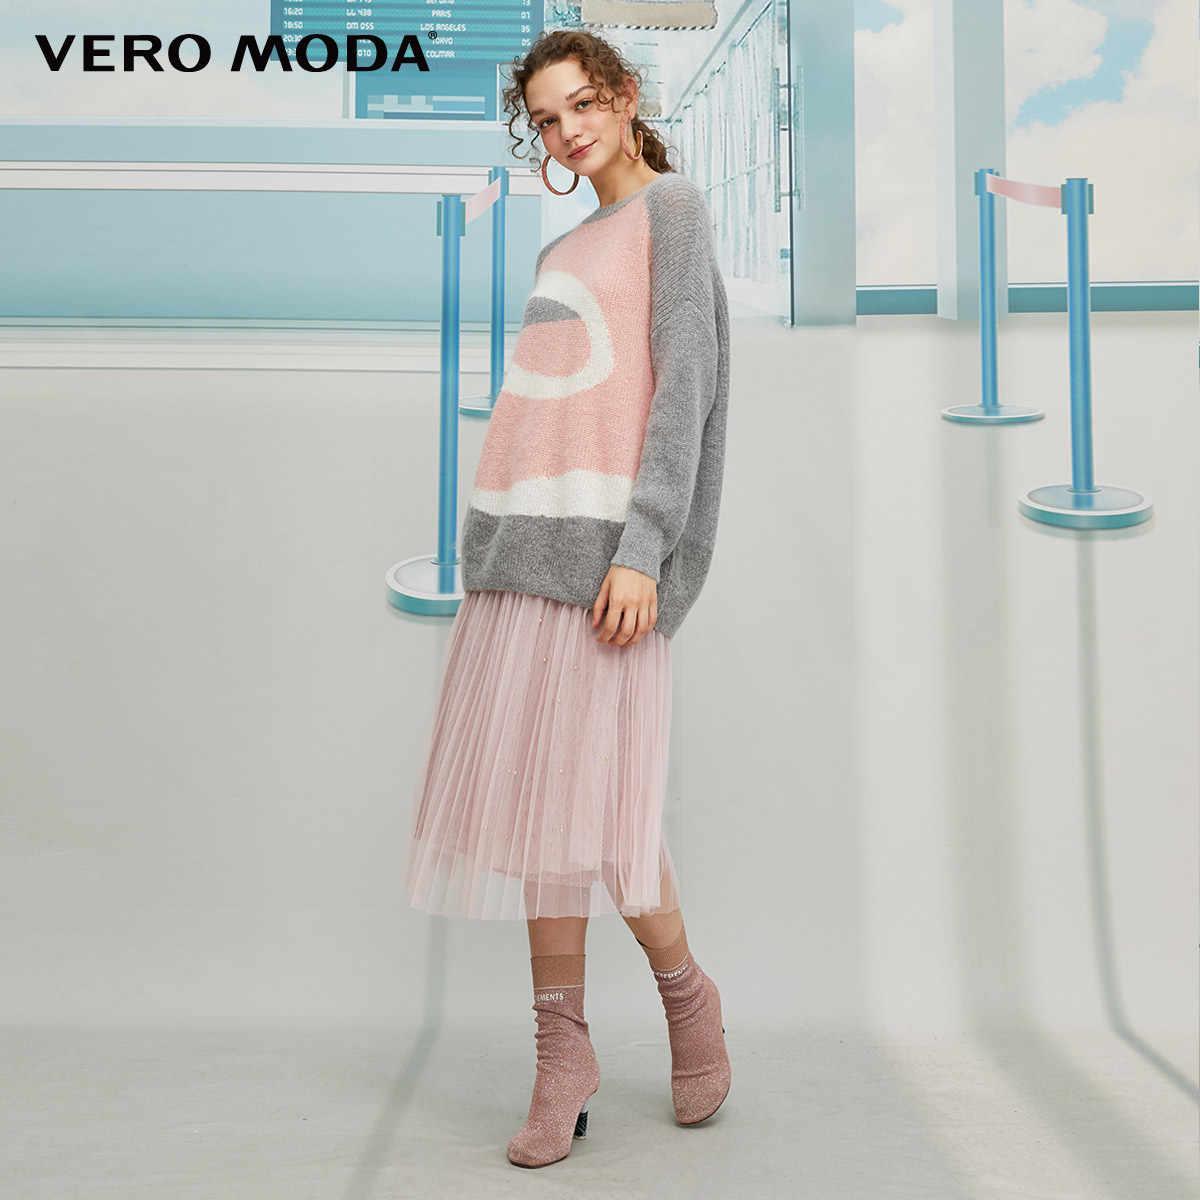 Vero Moda Nữ Phong Cách Vintage Morandi Chia Cotton Áo Len | 319413534